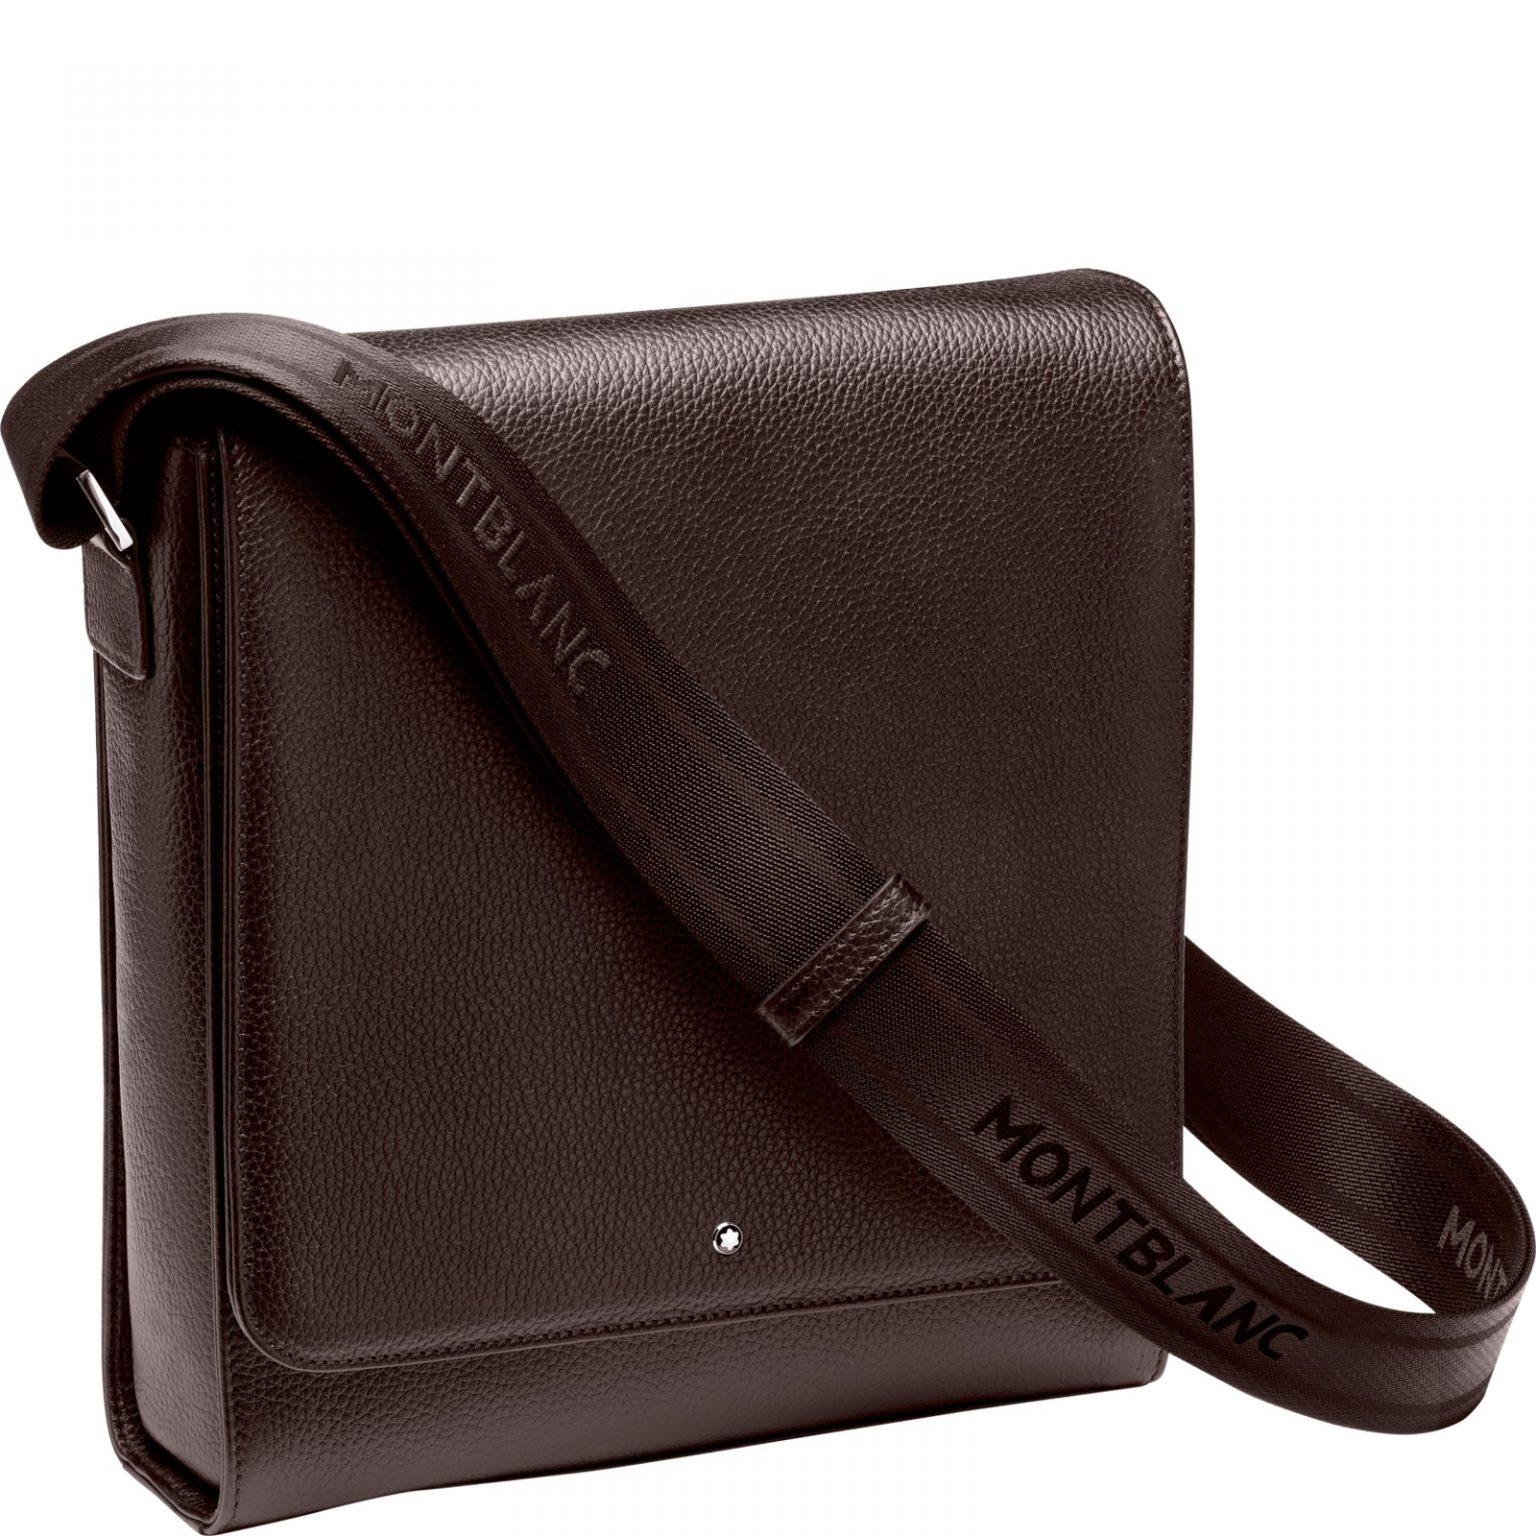 Cặp Da Montblanc Meisterstück Soft Grain North South Brown Leather